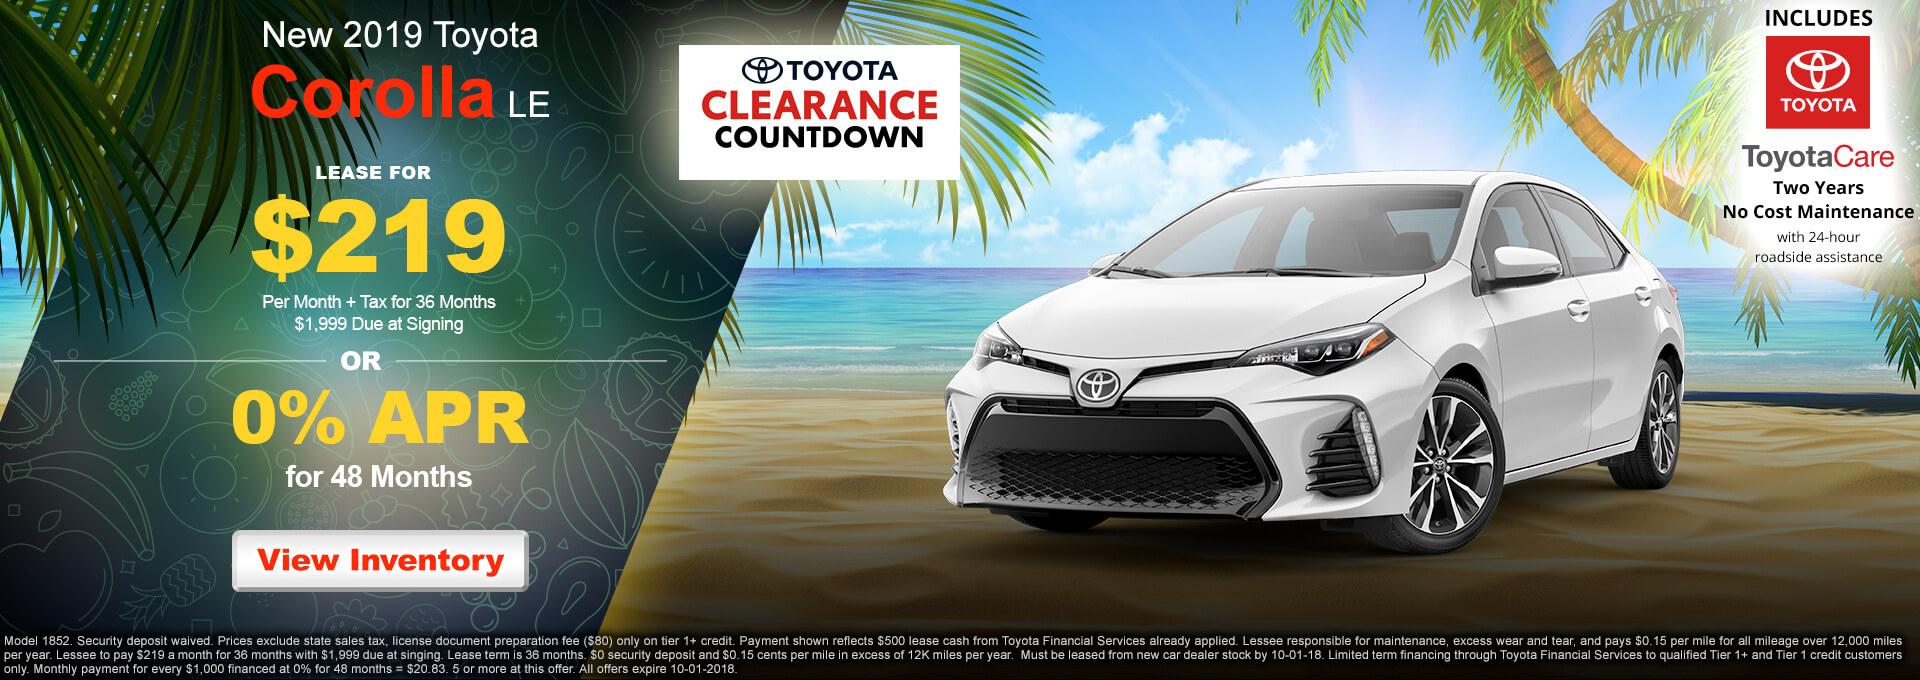 2019 Toyota Corolla LE $219